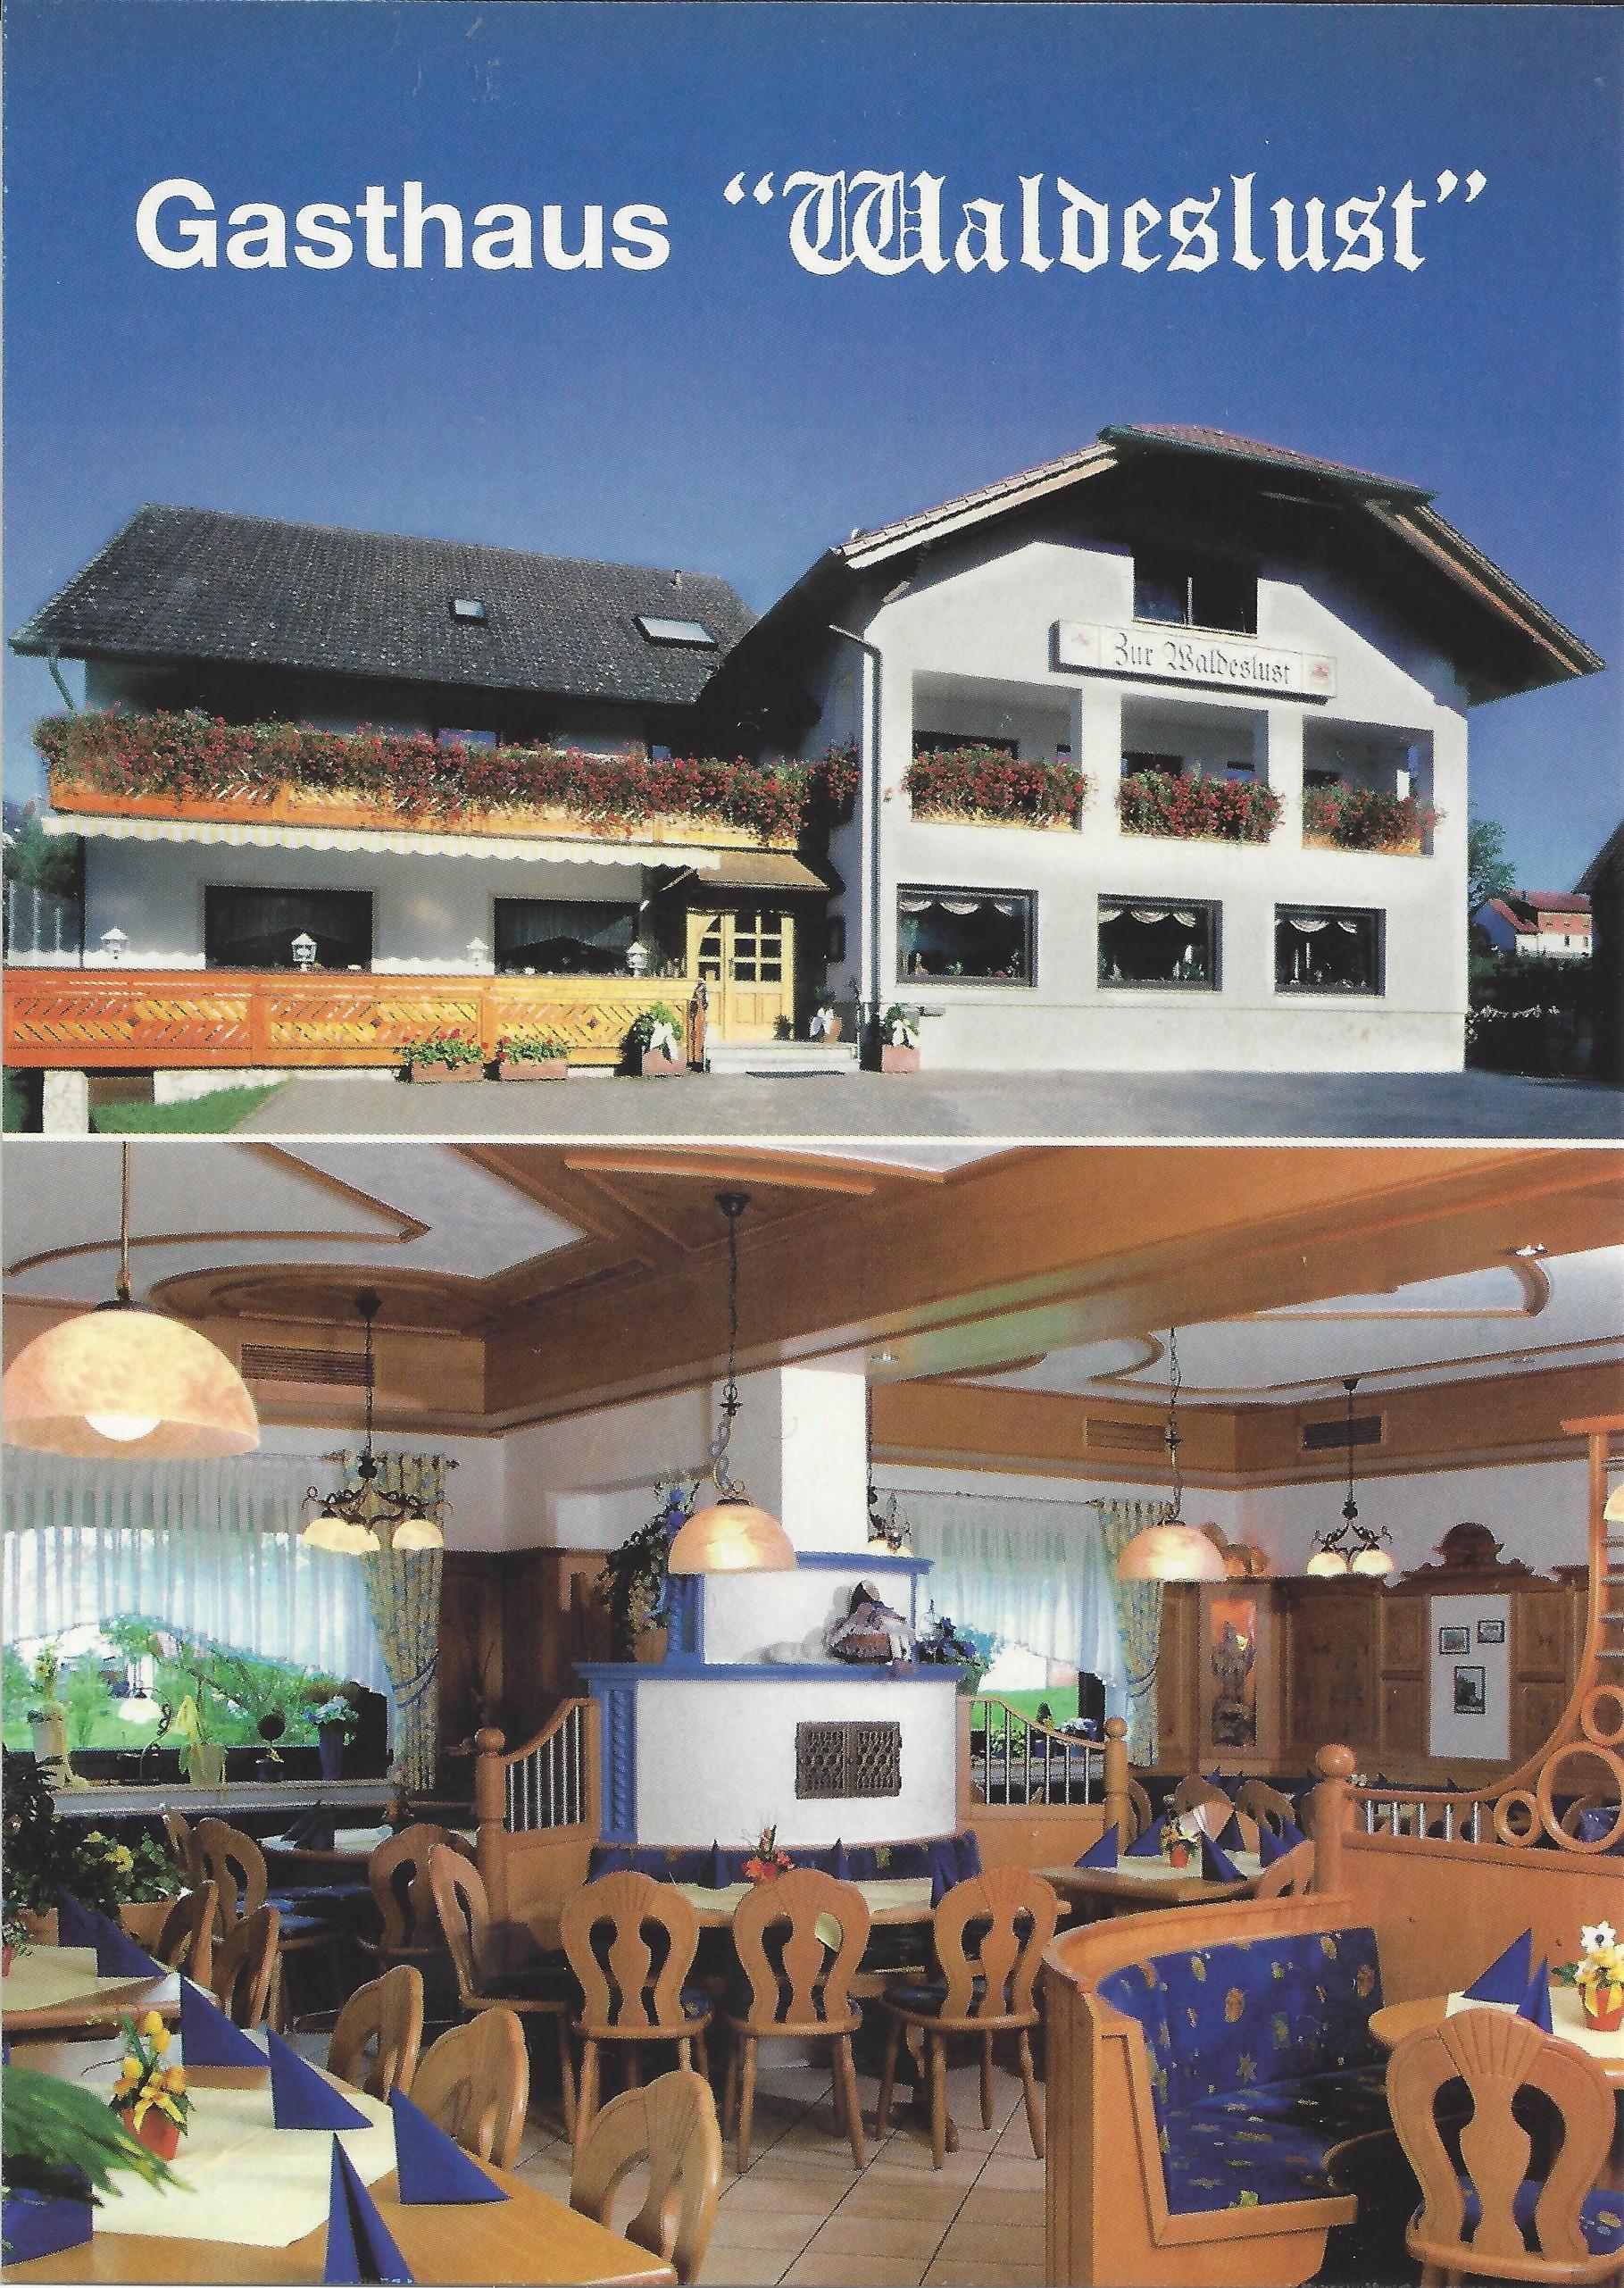 Gasthaus-Waldeslust Kröckelbach Fürth - Gasthaus Waldeslust